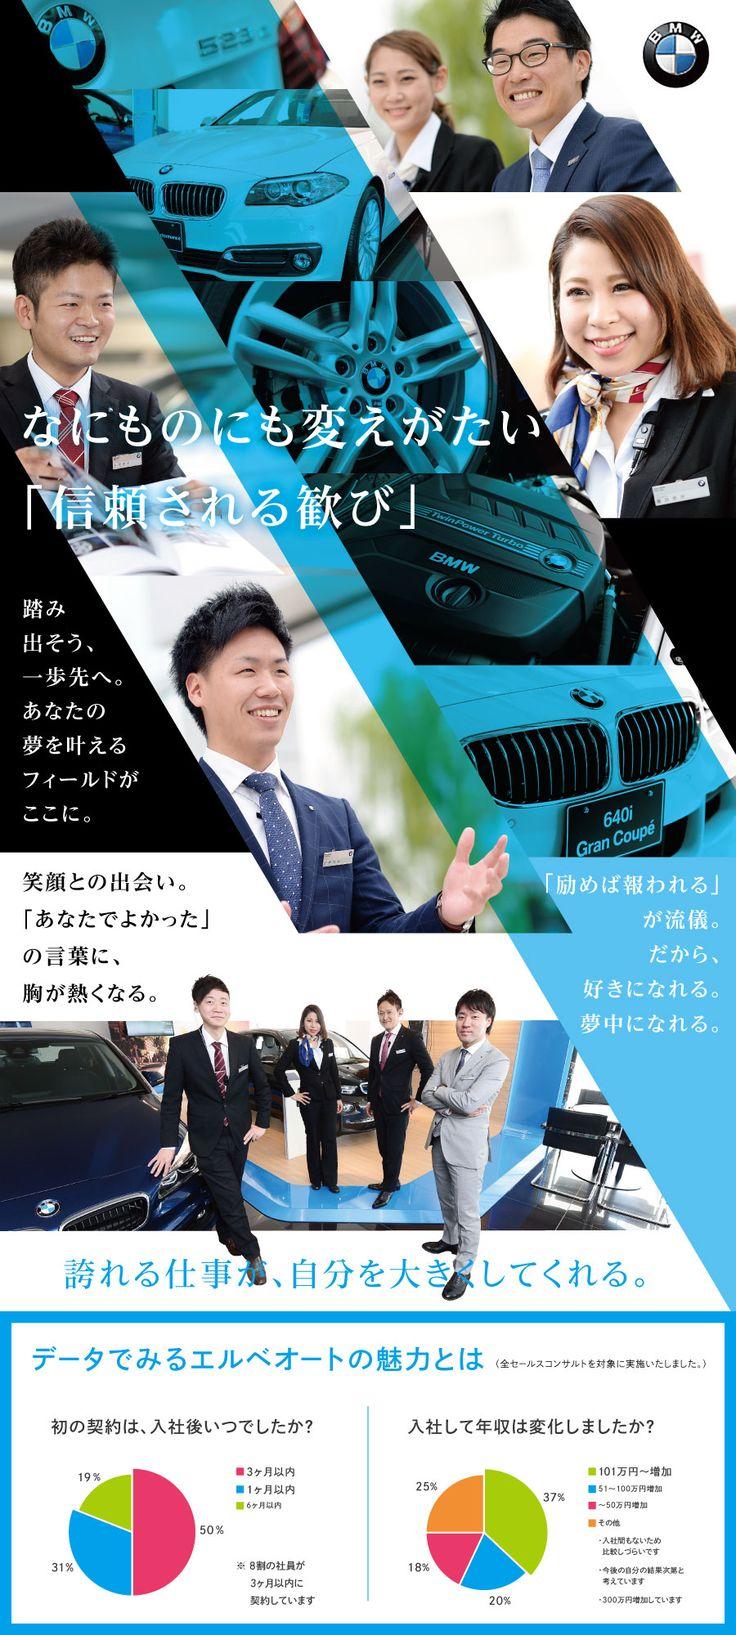 エルベオート株式会社【BMW正規ディーラー】 /BMWを通じてお客様に感動を!【セールスコンサルタント】(829817) | マイナビ転職